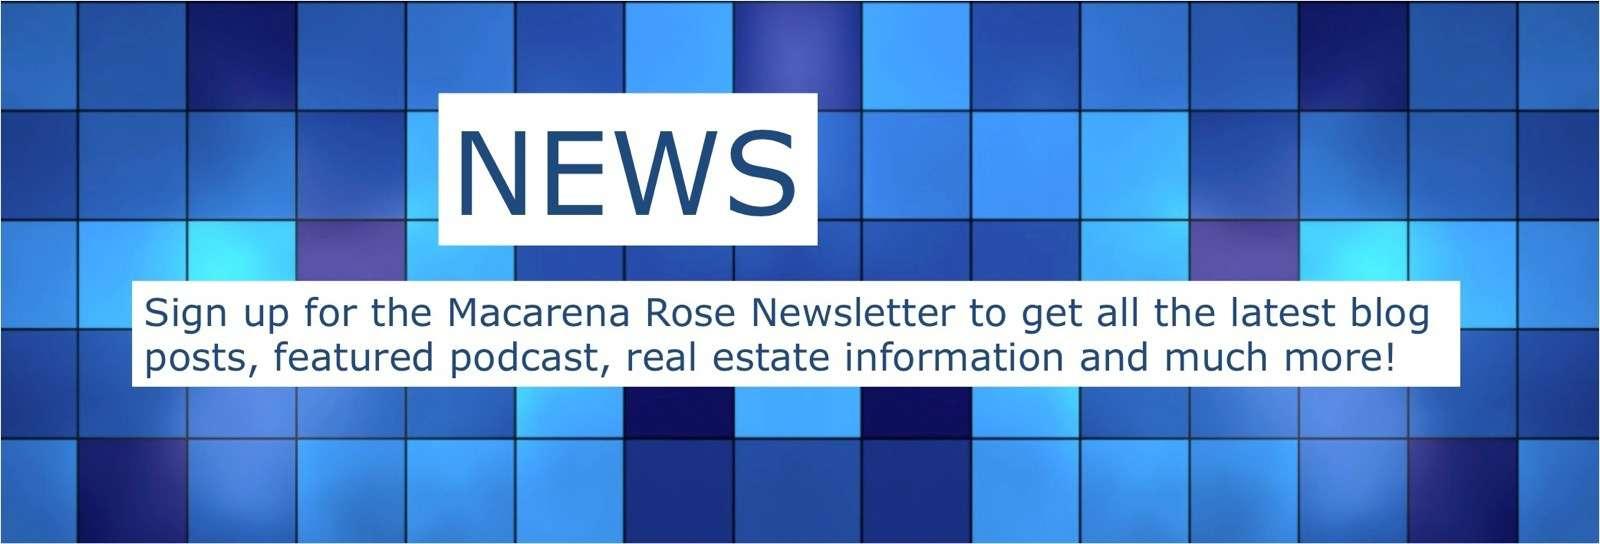 Macarena Rose Newsletter sign up